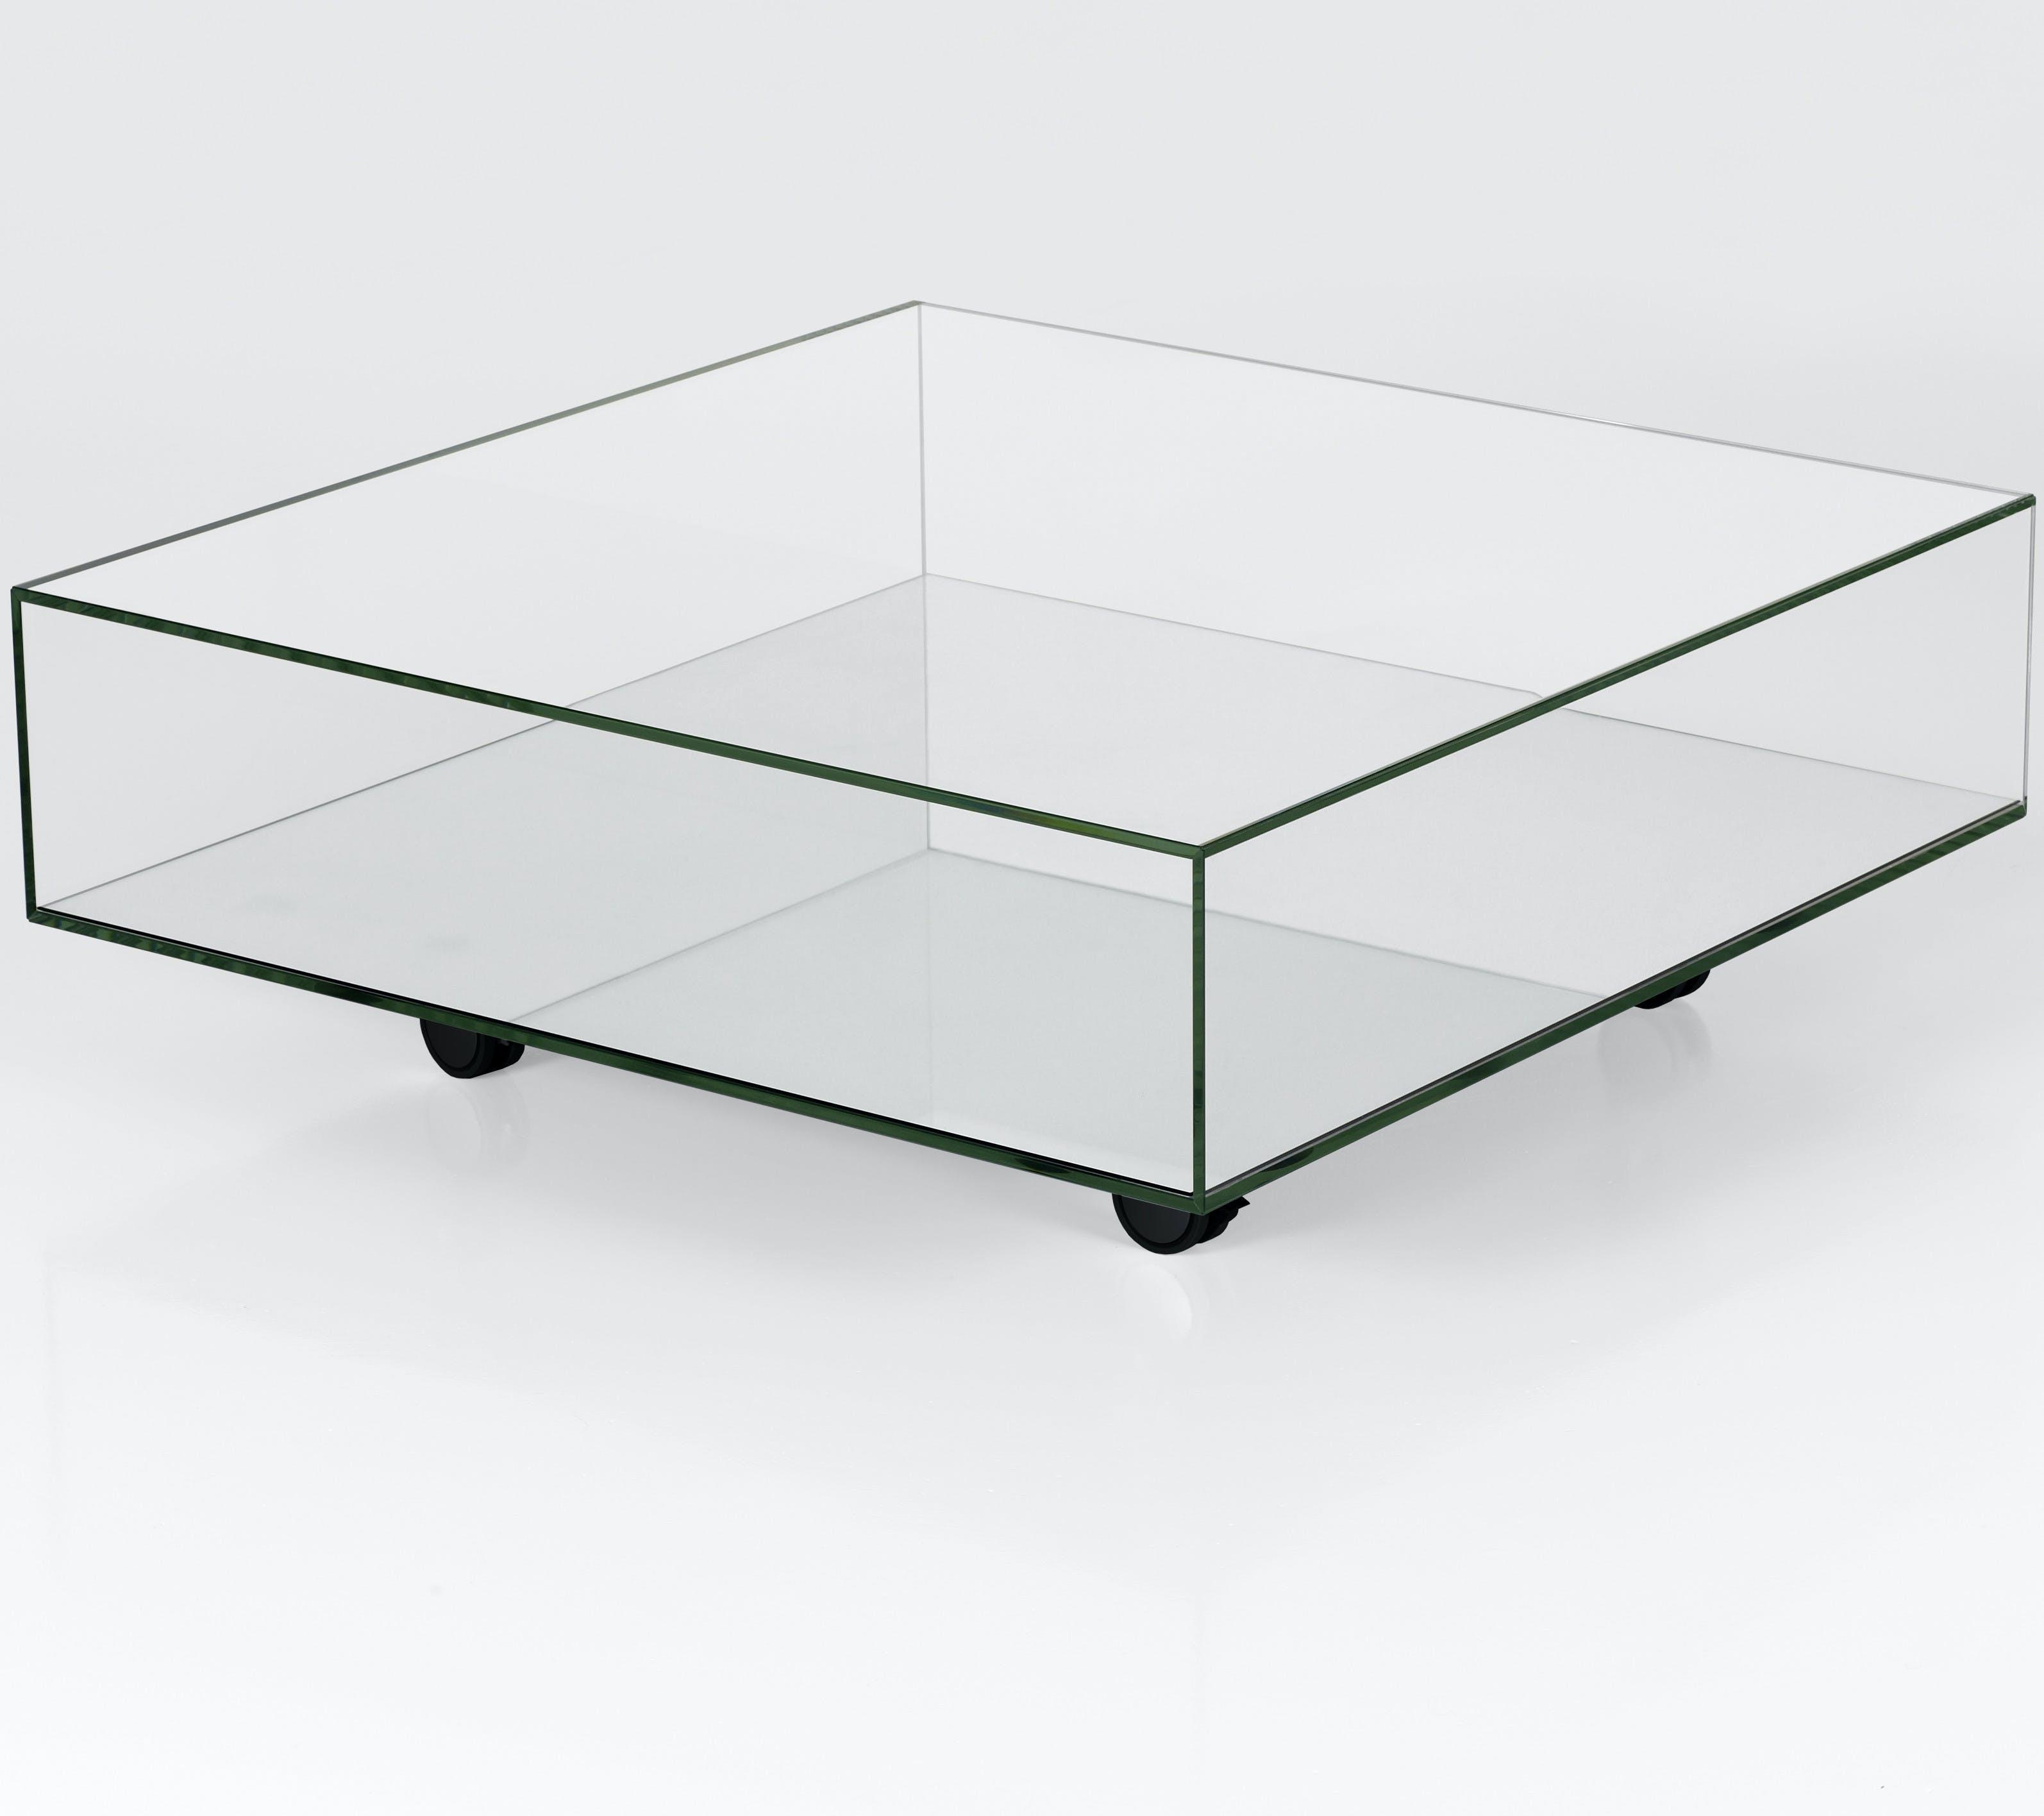 Reflect01